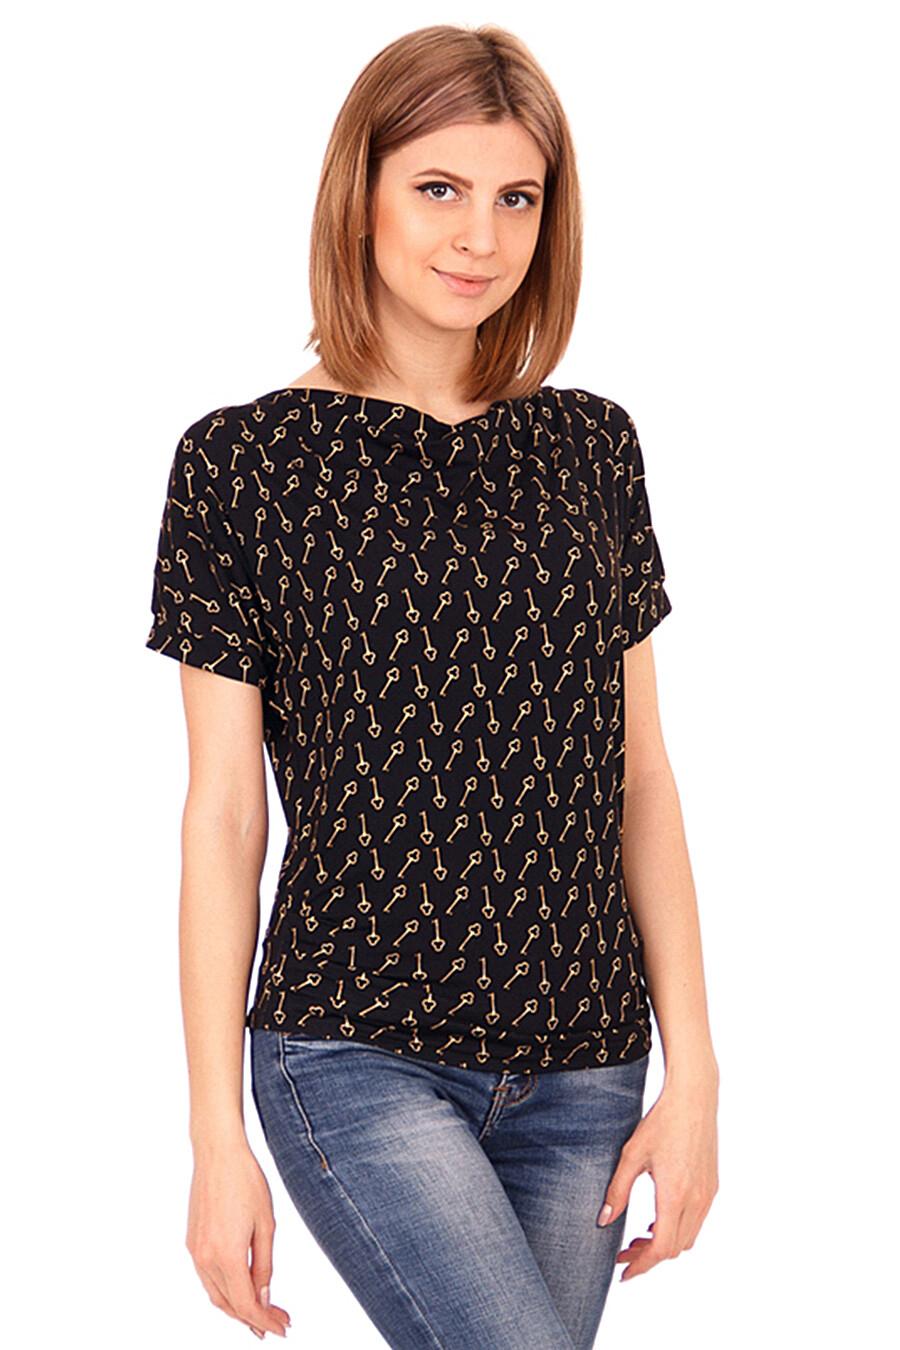 Джемпер для женщин Archi 130624 купить оптом от производителя. Совместная покупка женской одежды в OptMoyo